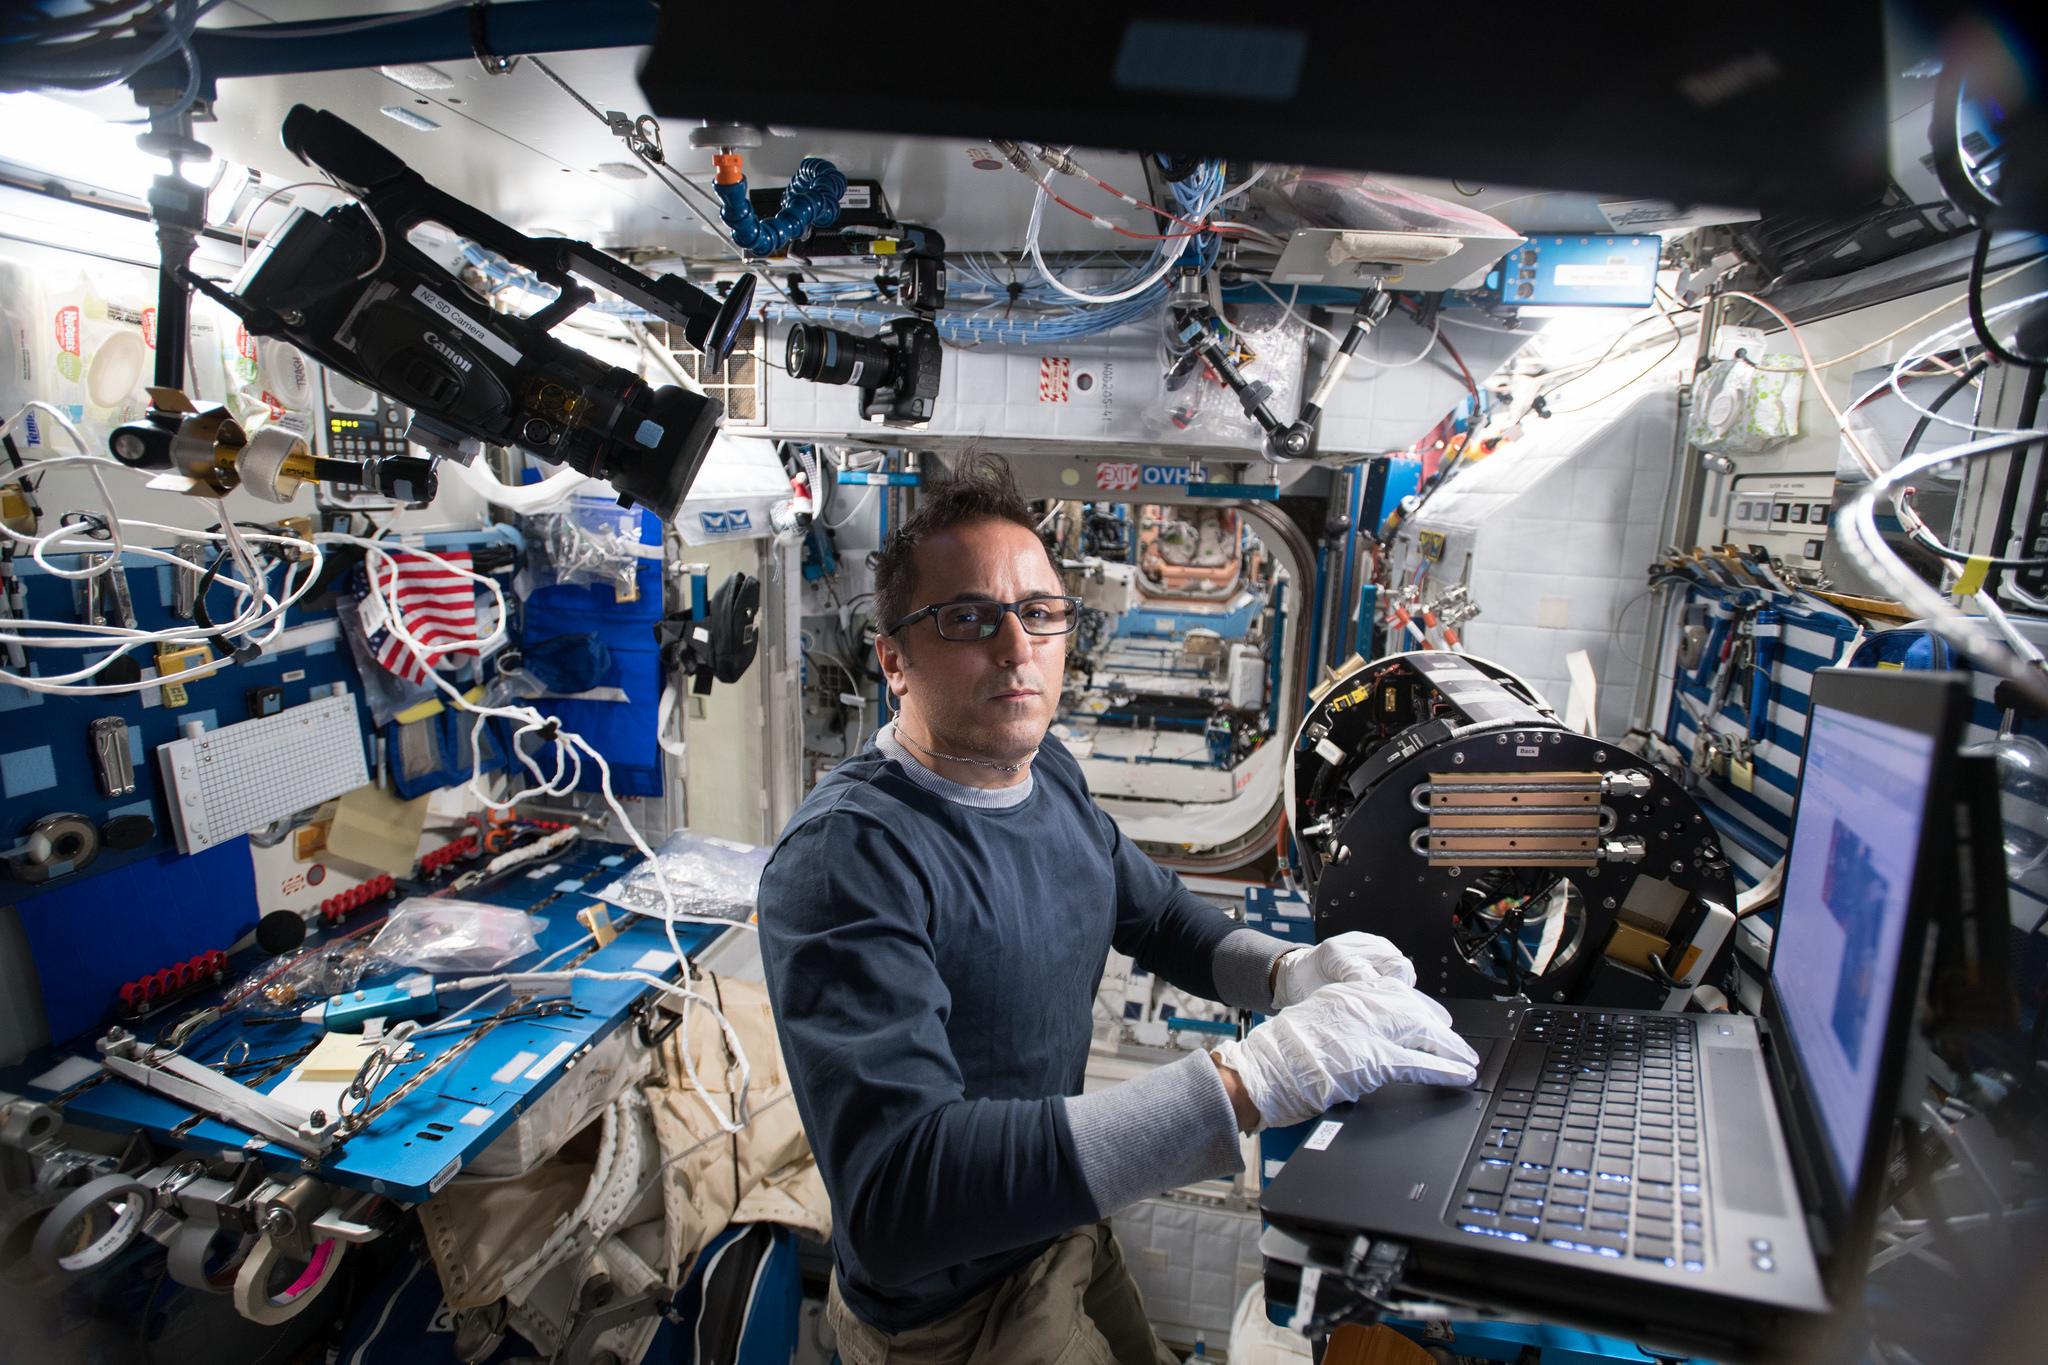 NASA_ACABA